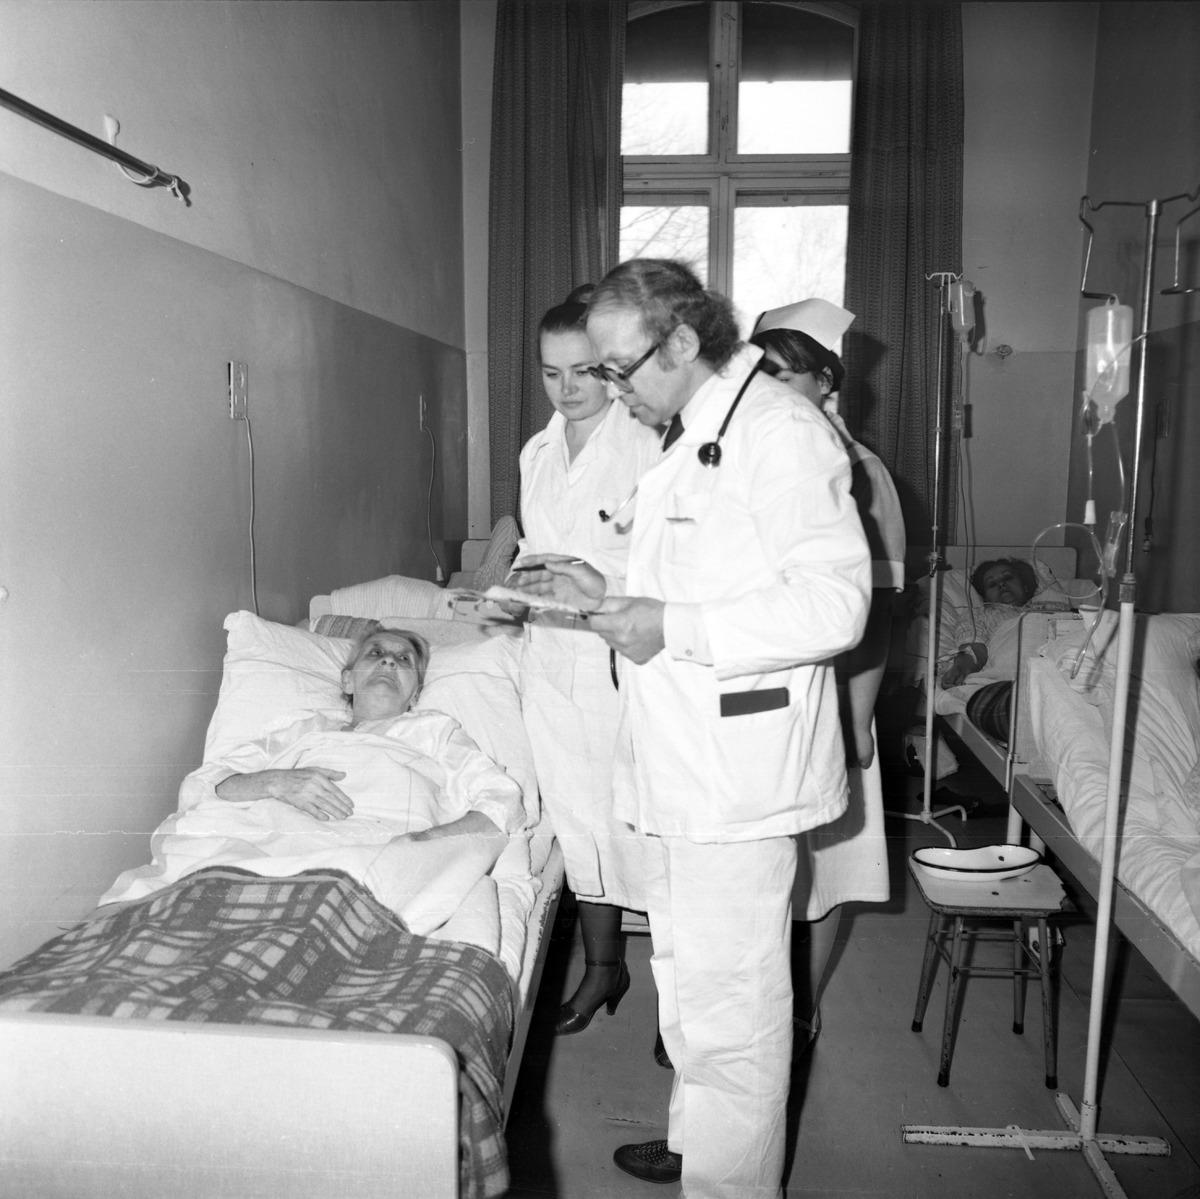 Dzień Służby Zdrowia w szpitalu ZOZ, 1986 r. [8]